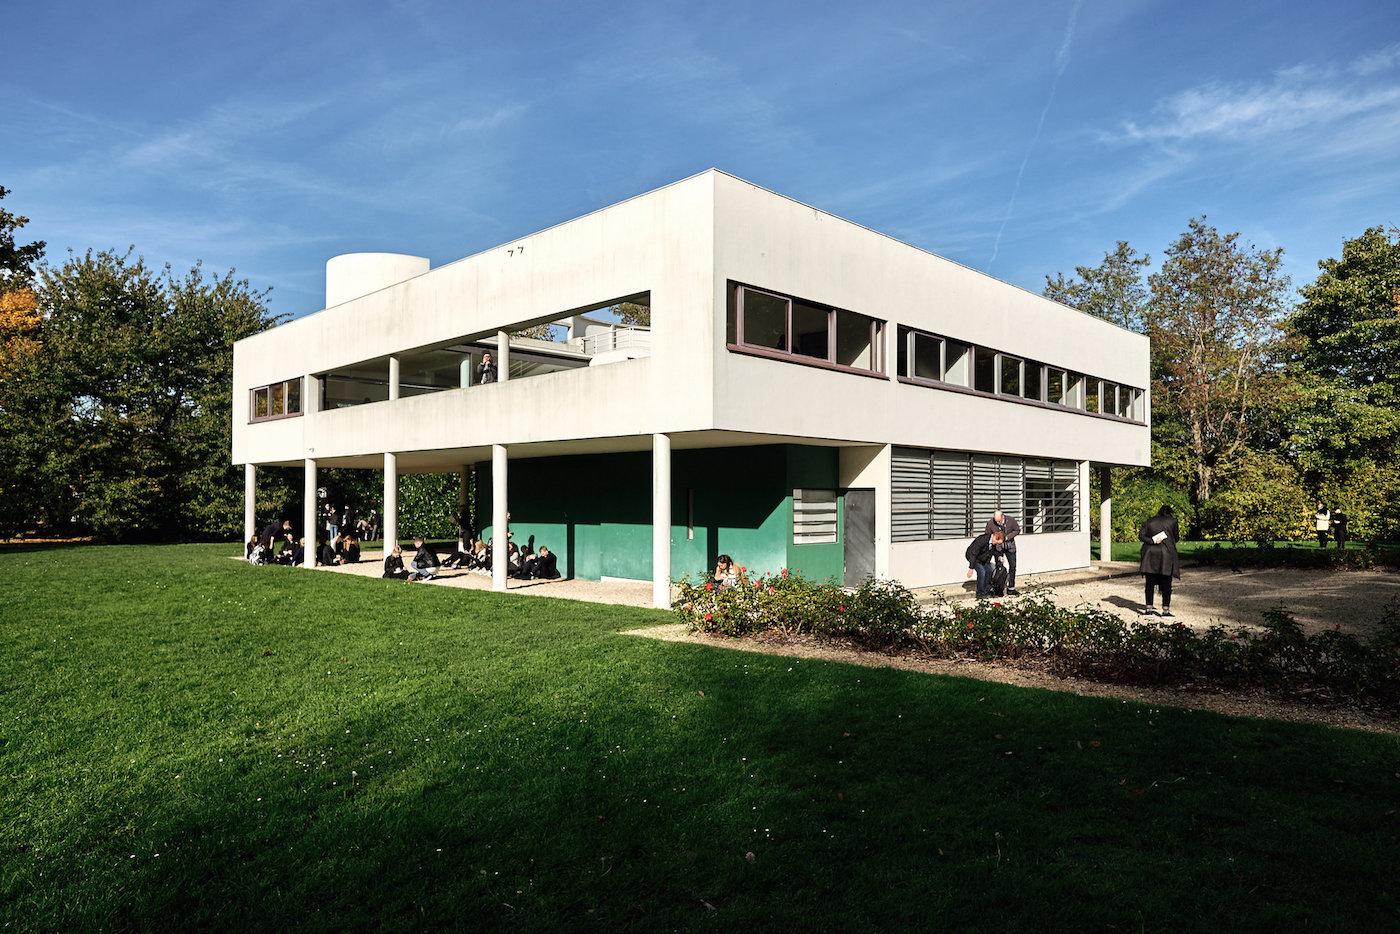 Le Corbusier Les 5 Points le corbusier's influential use of pilotis | skyrisecities